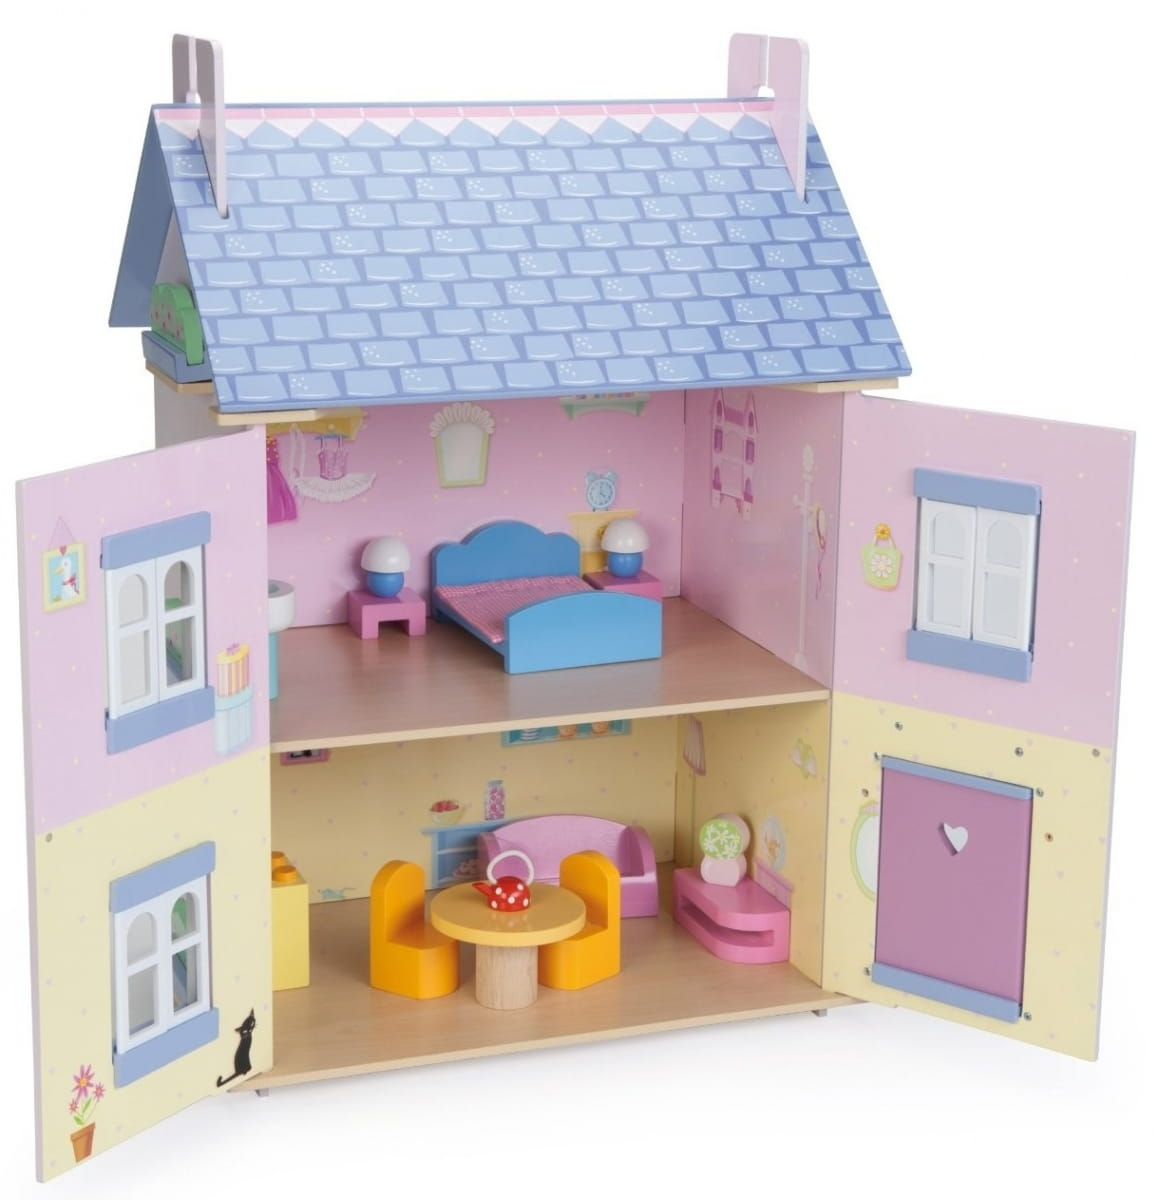 Как сделать из бумаги домик для маленьких куколок